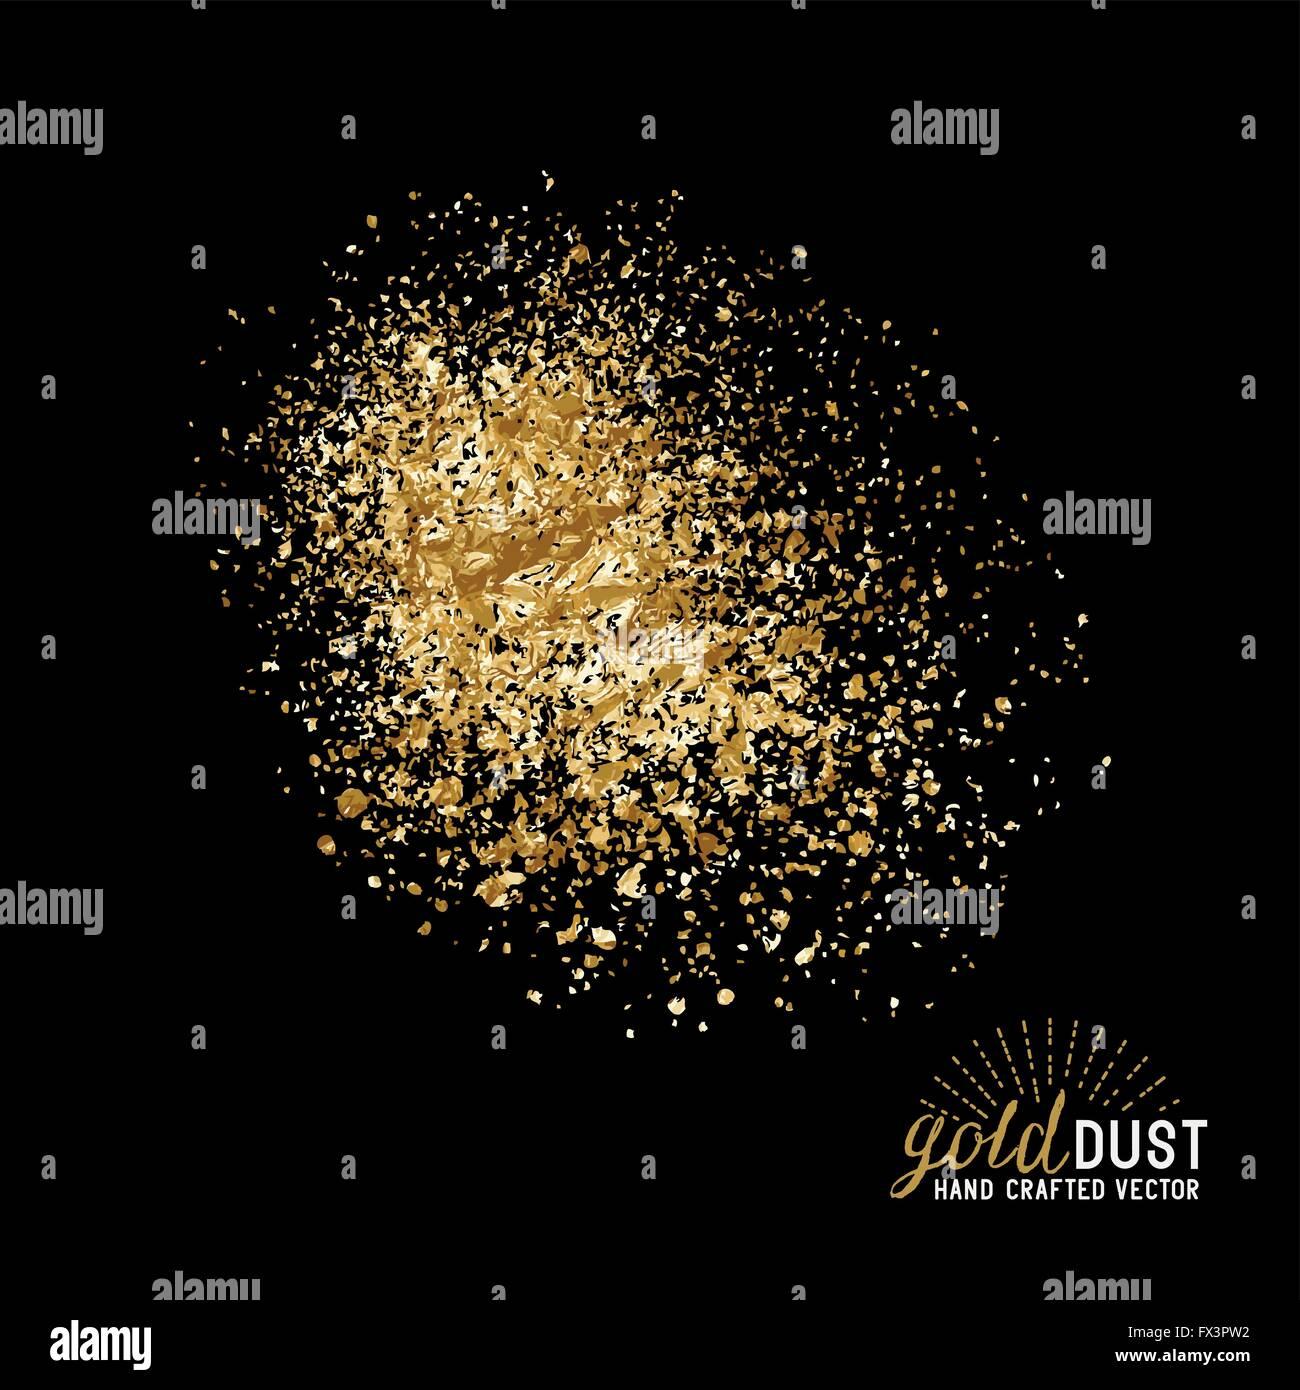 Vector Poussière d'or. Or Feuille de particules de poussière. Vector illustration. Photo Stock